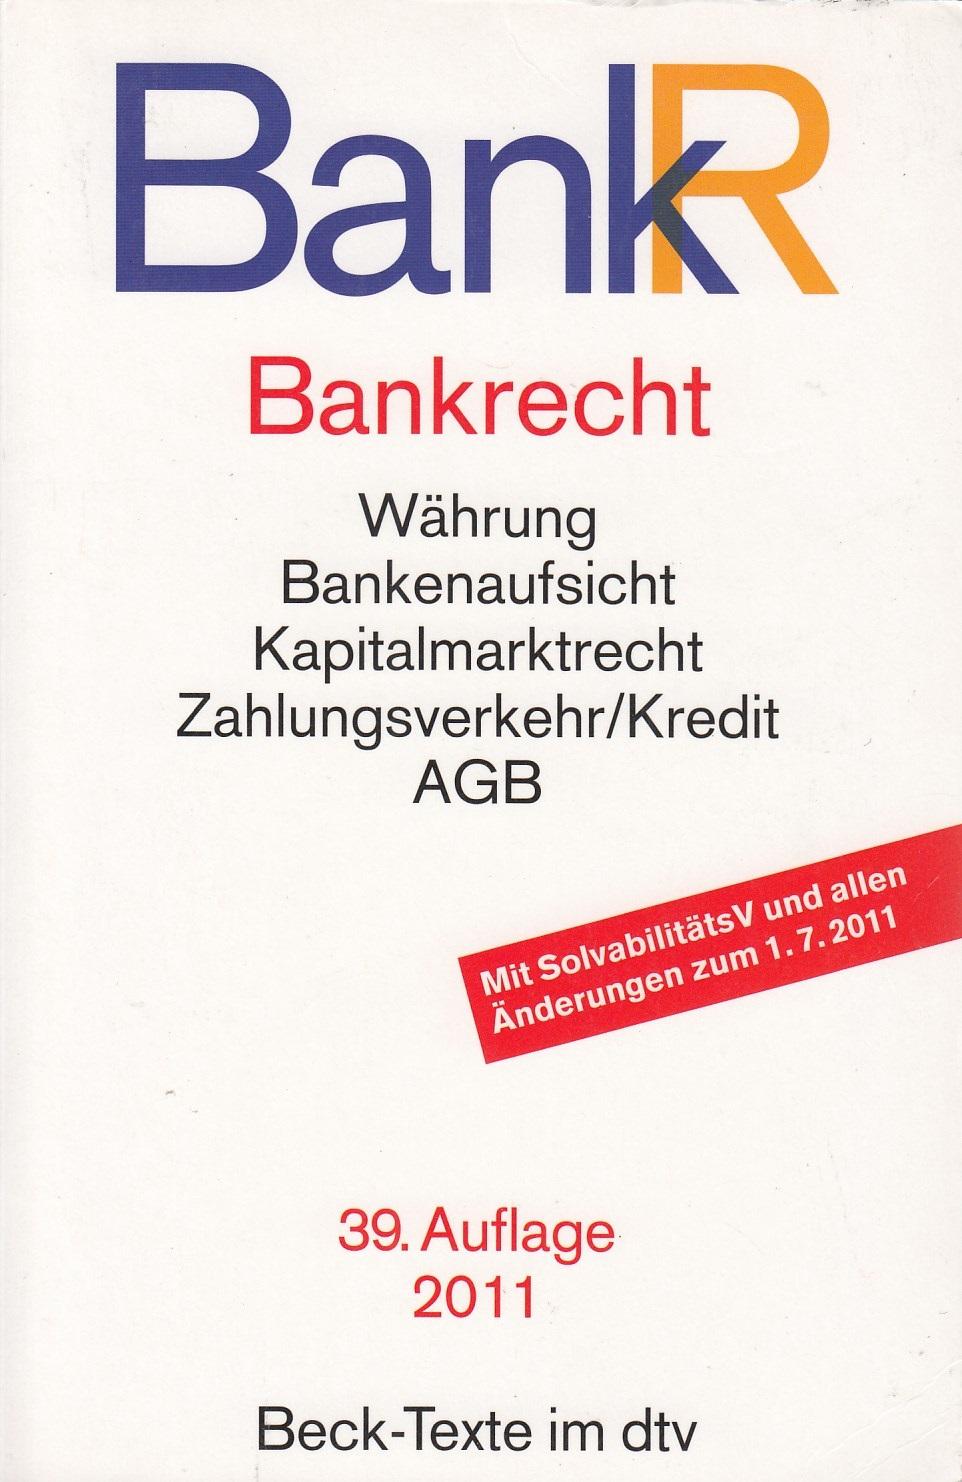 BankR - Bankrecht: Währung, Bankenaufsicht, Zahlungsverkehr/Kredit, AGB [Taschenbuch, 39. Auflage 2011]